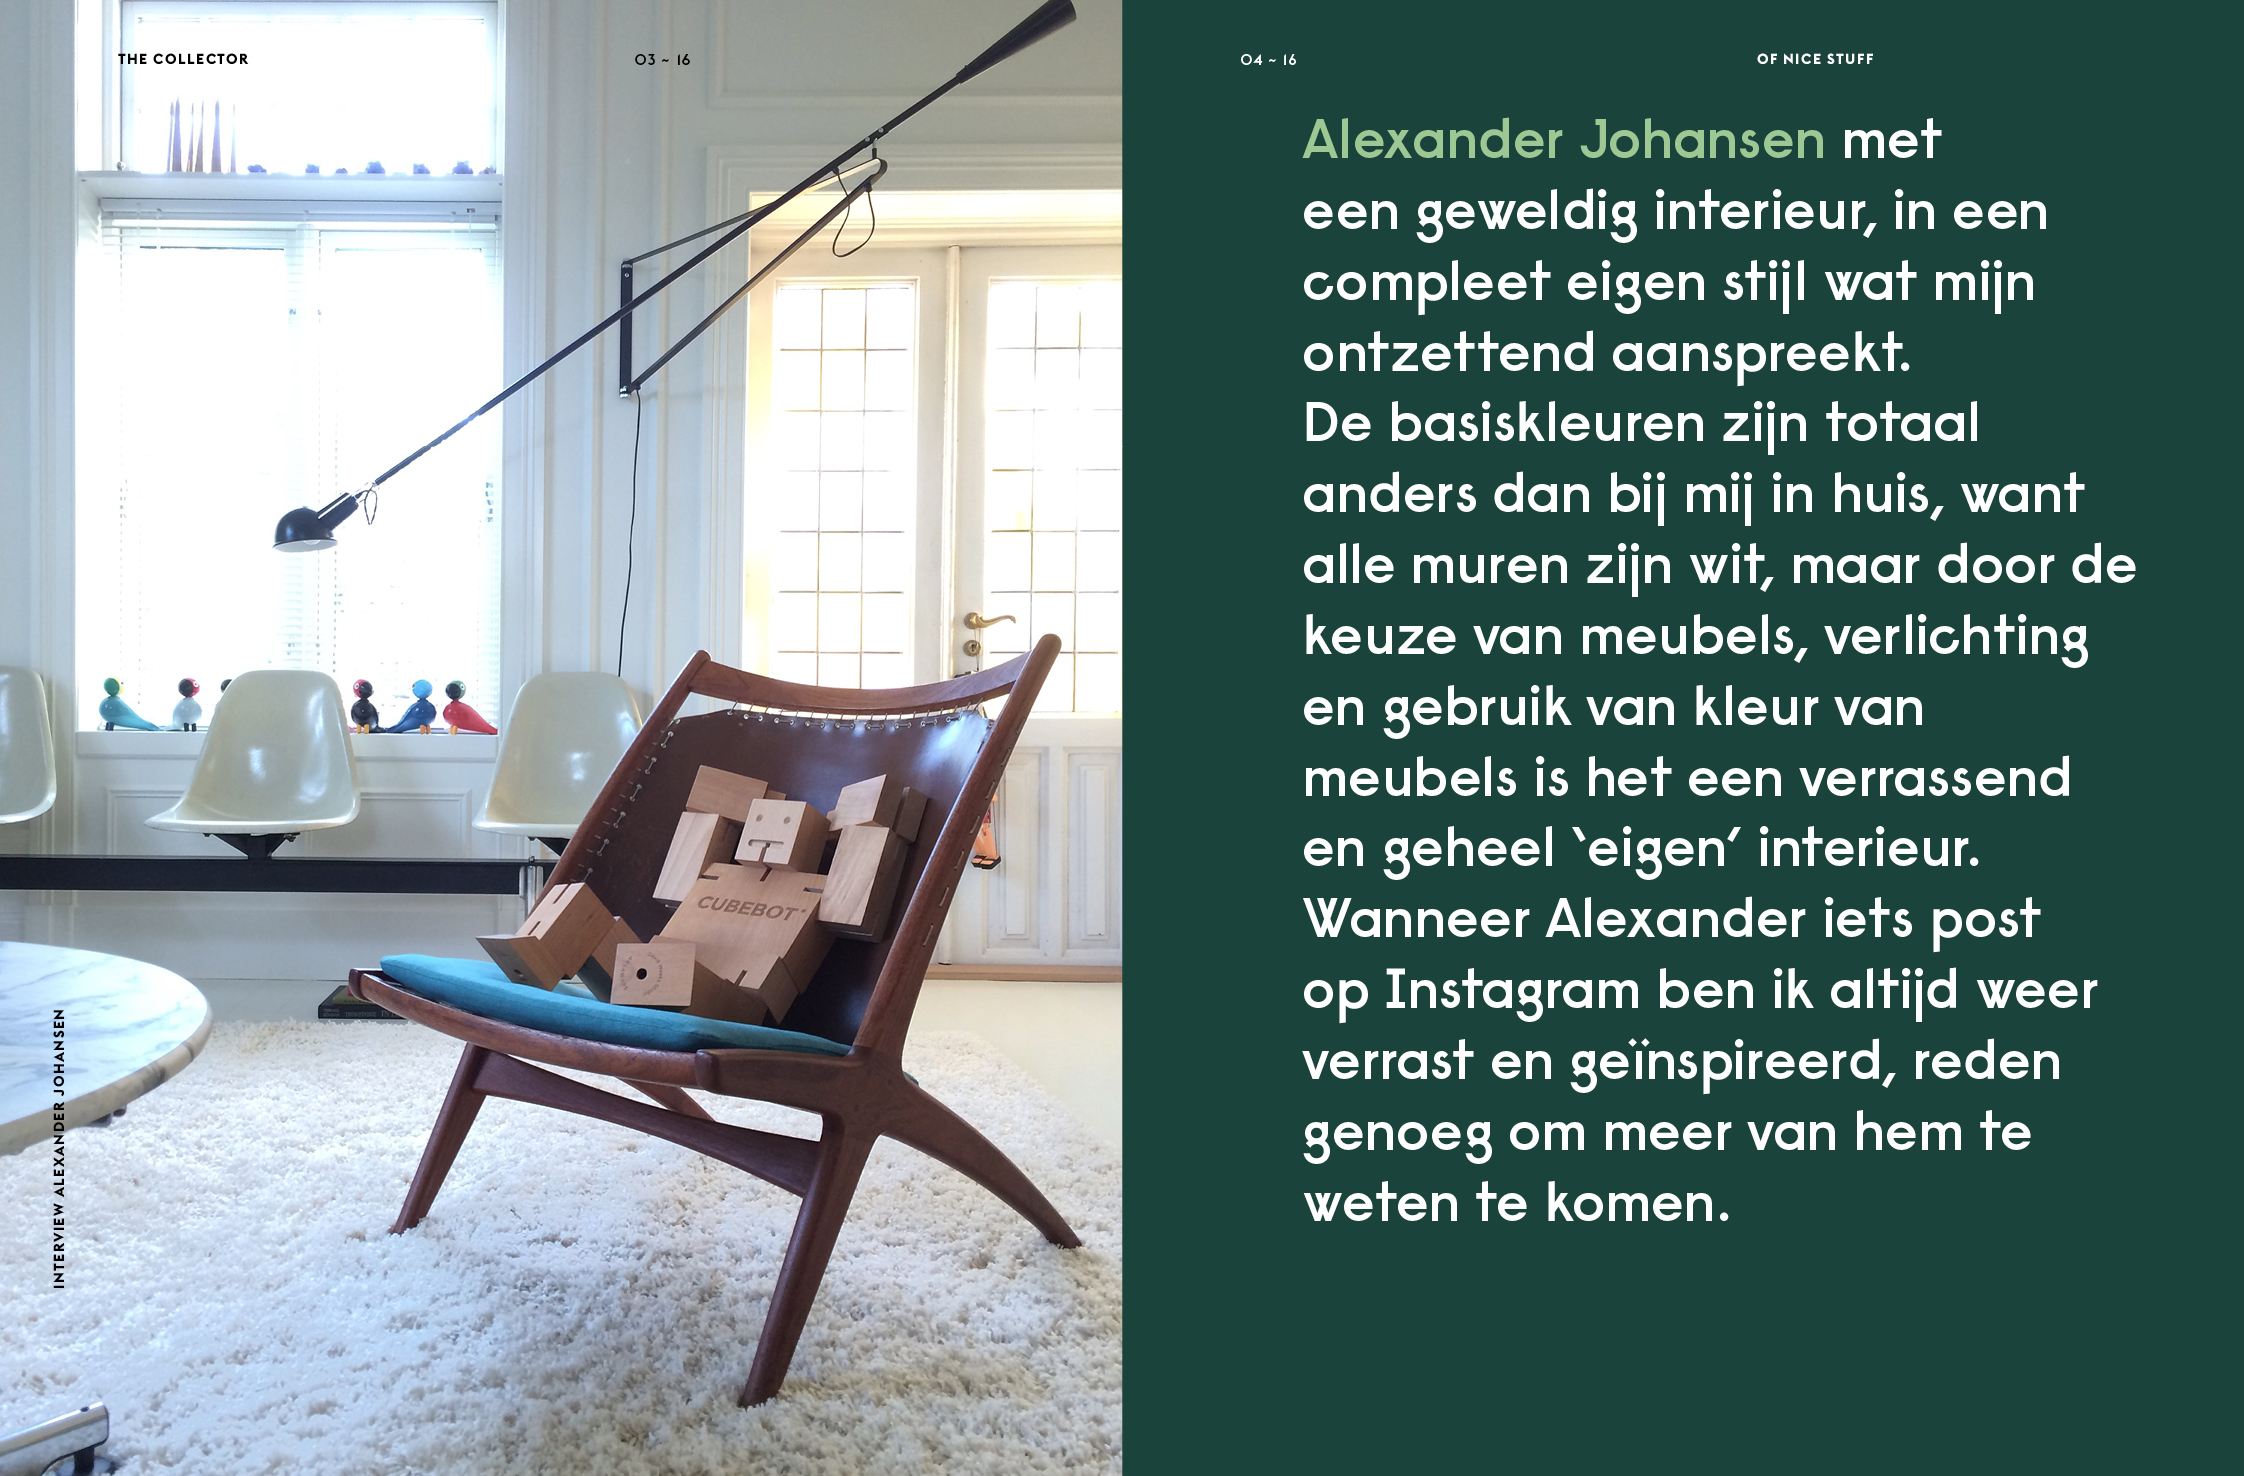 THE-NICE-STUFF-COLLECTOR_INTERIEUR-BLOG_THEO-BERT-POT_INTERVIEW_ALEXANDER-JOHANSEN_DEF_2.jpg